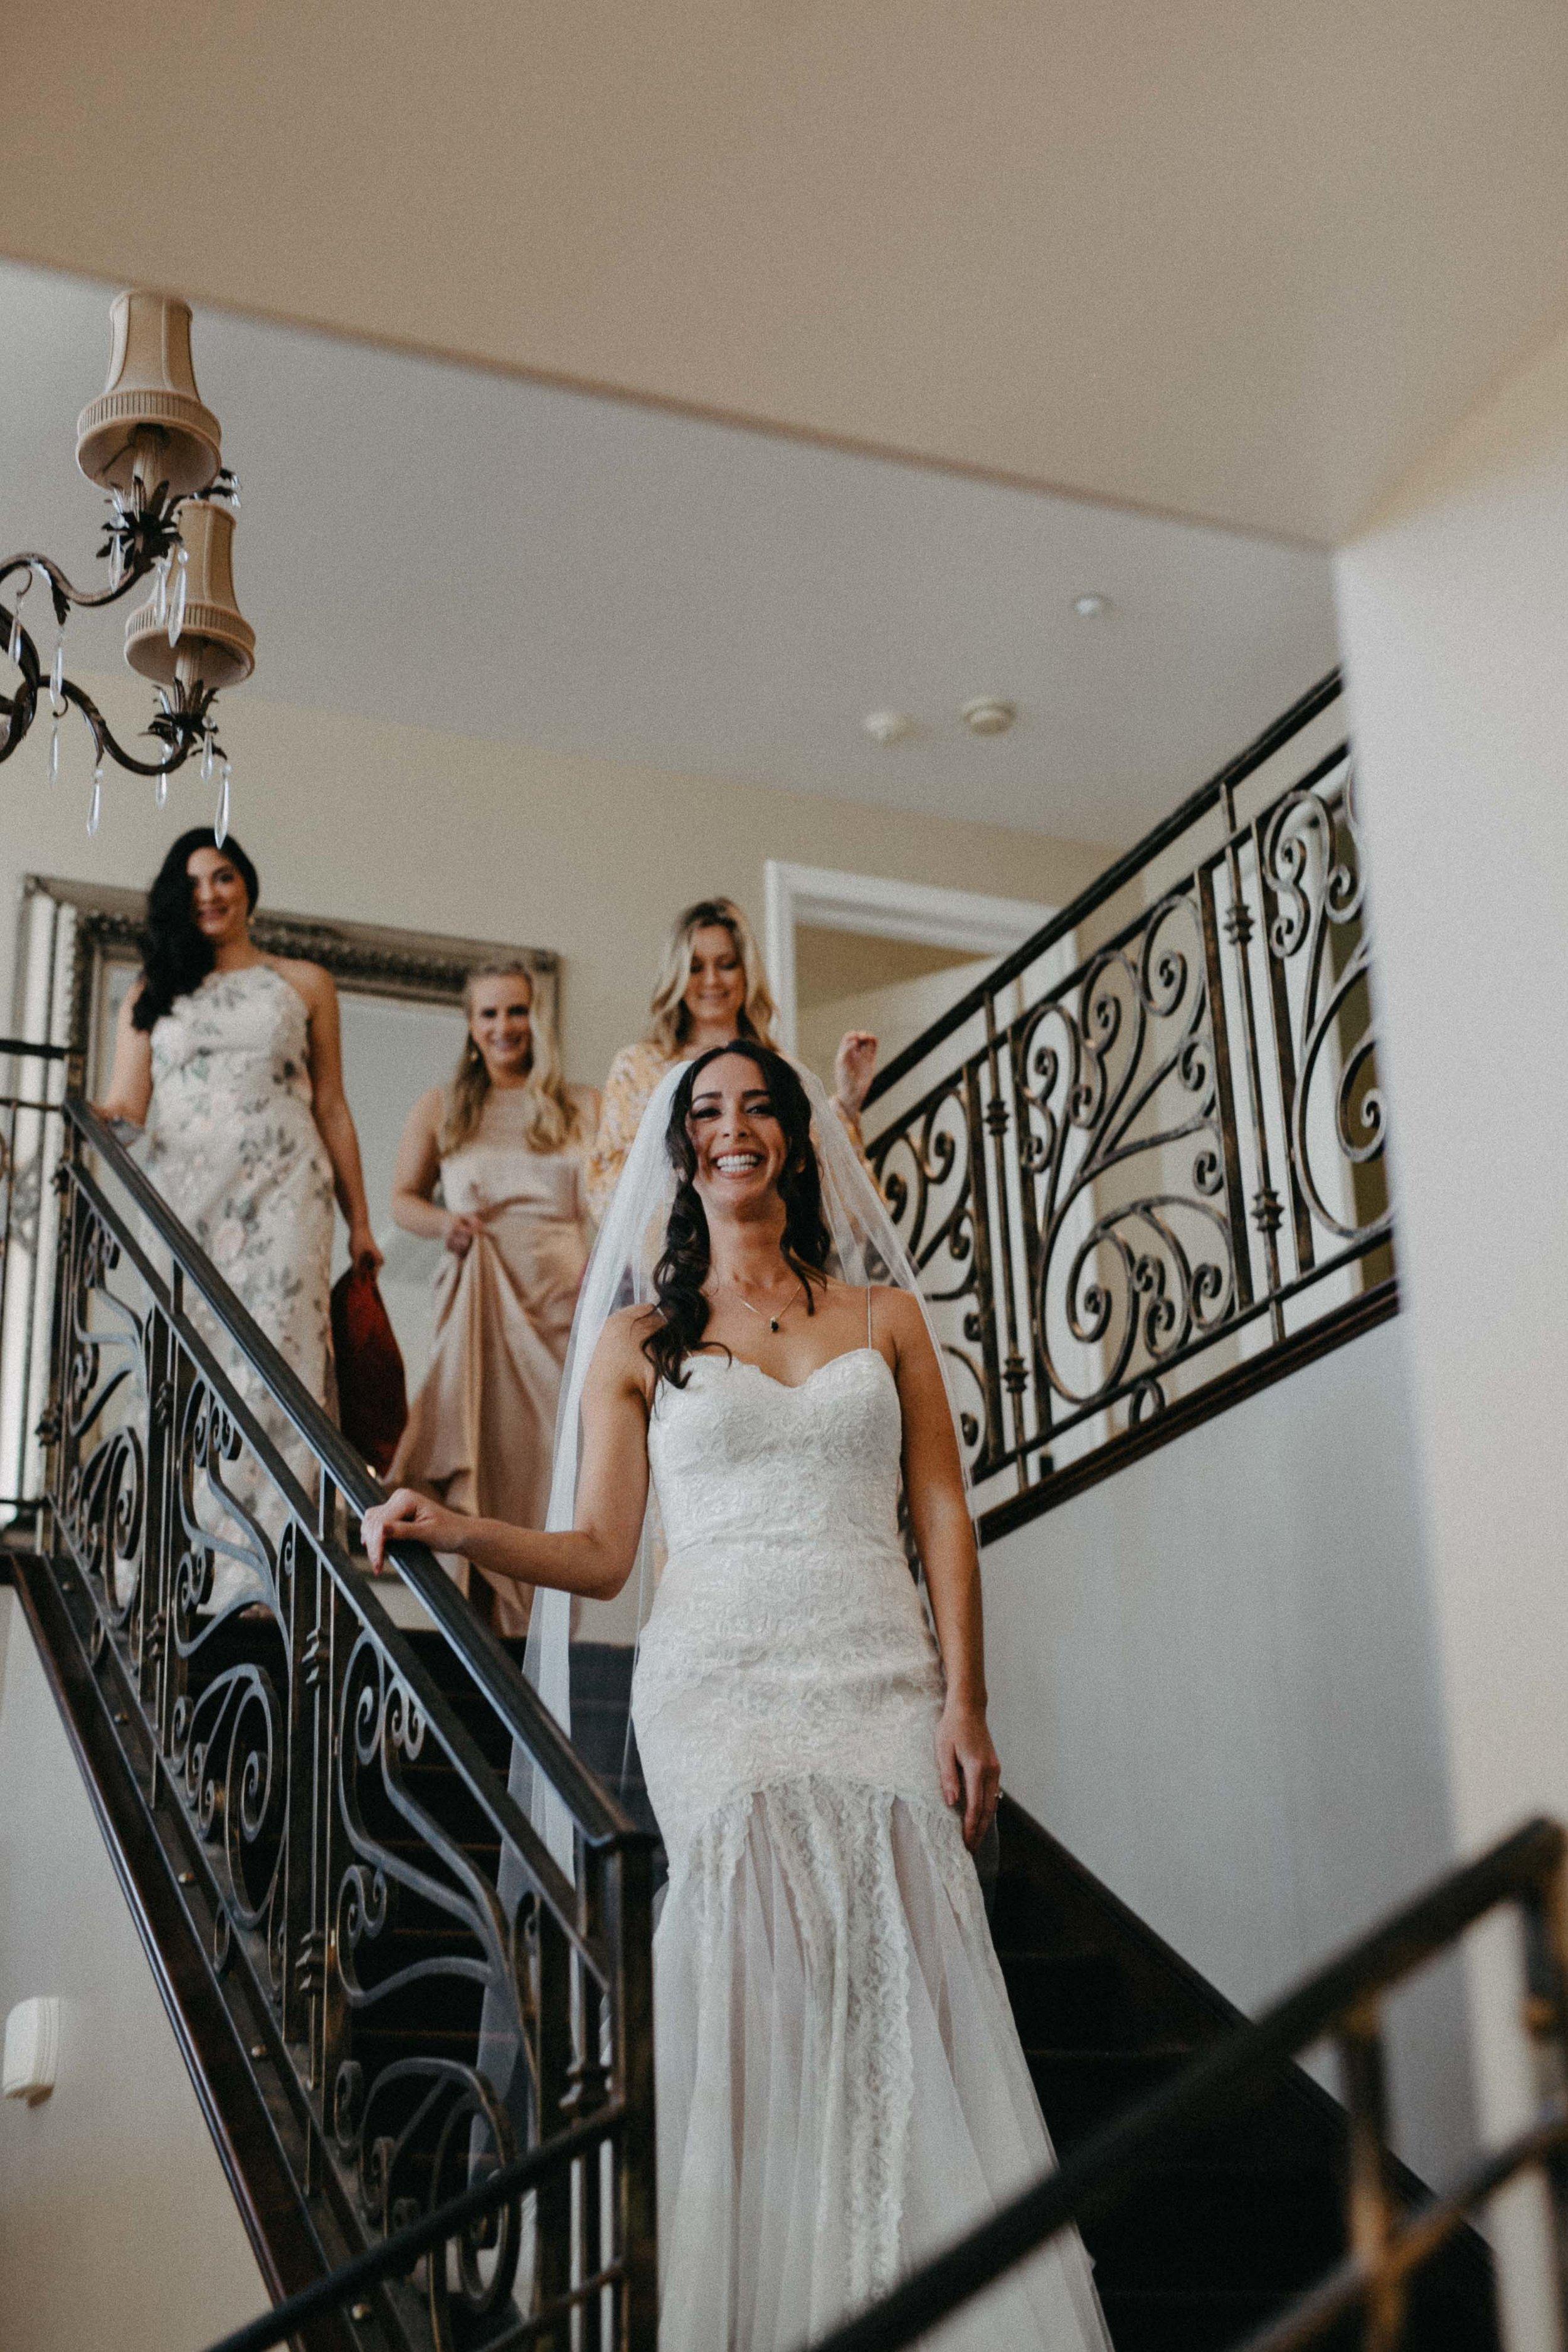 Wedding-1-86.jpg